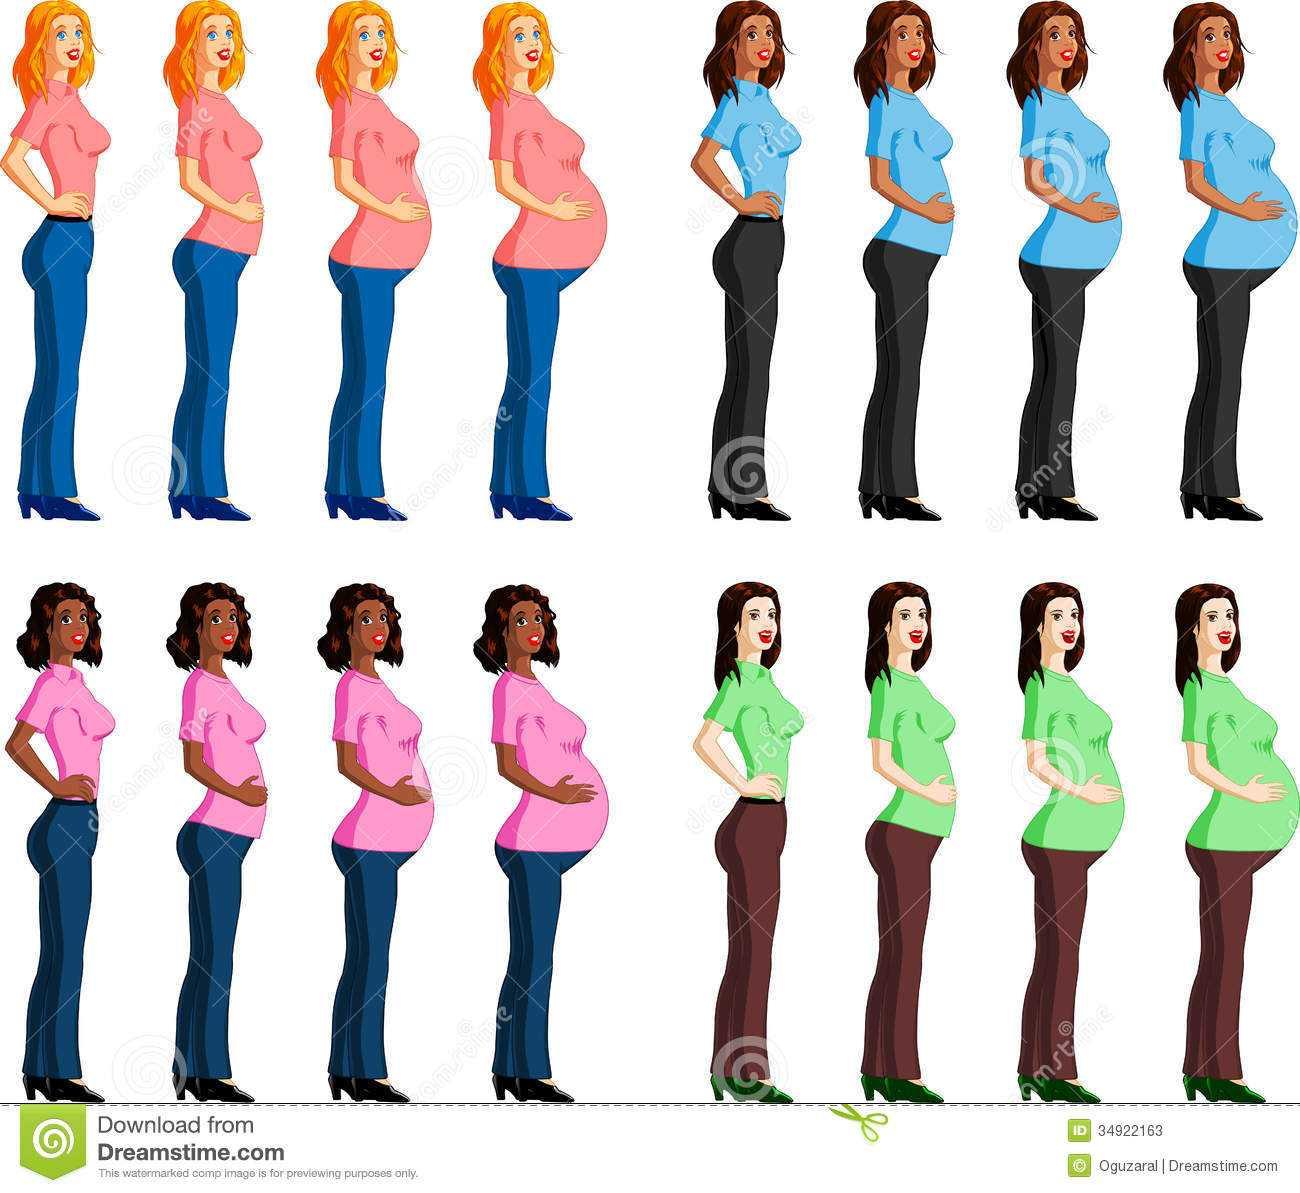 Этапы беременности от зачатия до родов + советы для здоровья